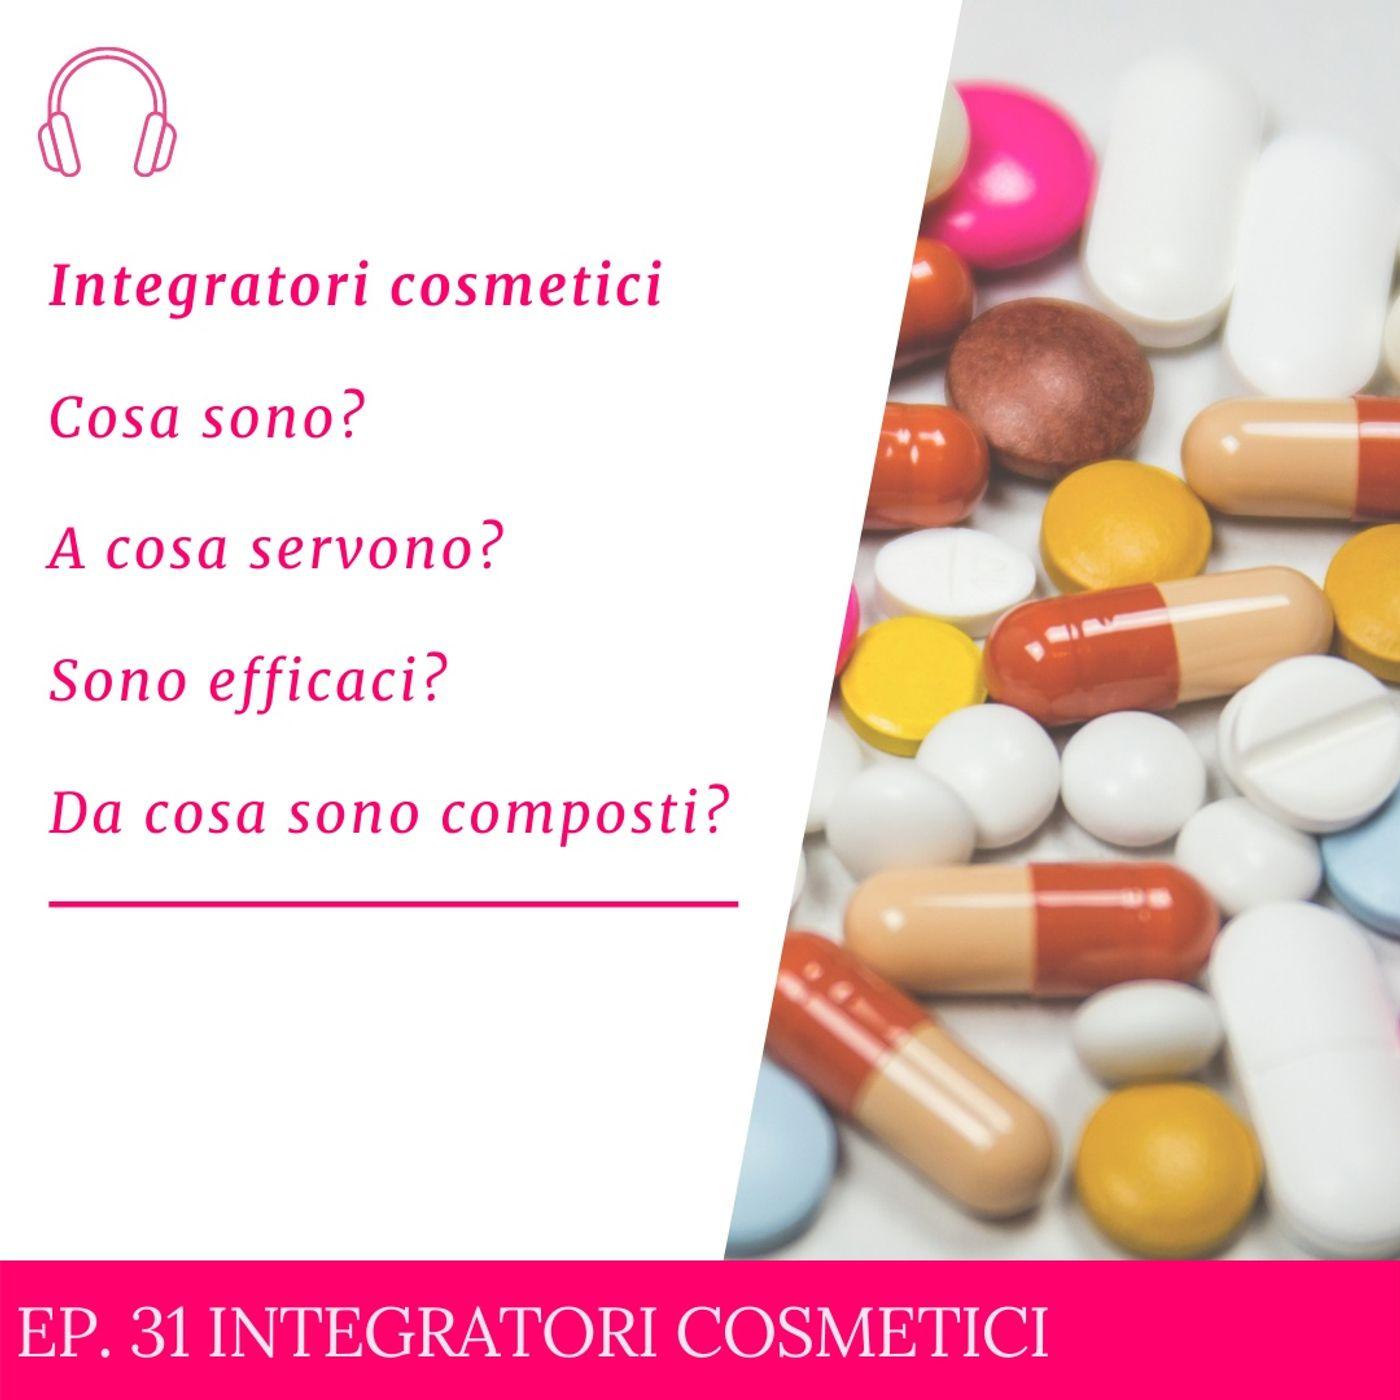 Ep. 31 Integratori Cosmetici  - Cosa sono? A cosa servono? Sono efficaci?